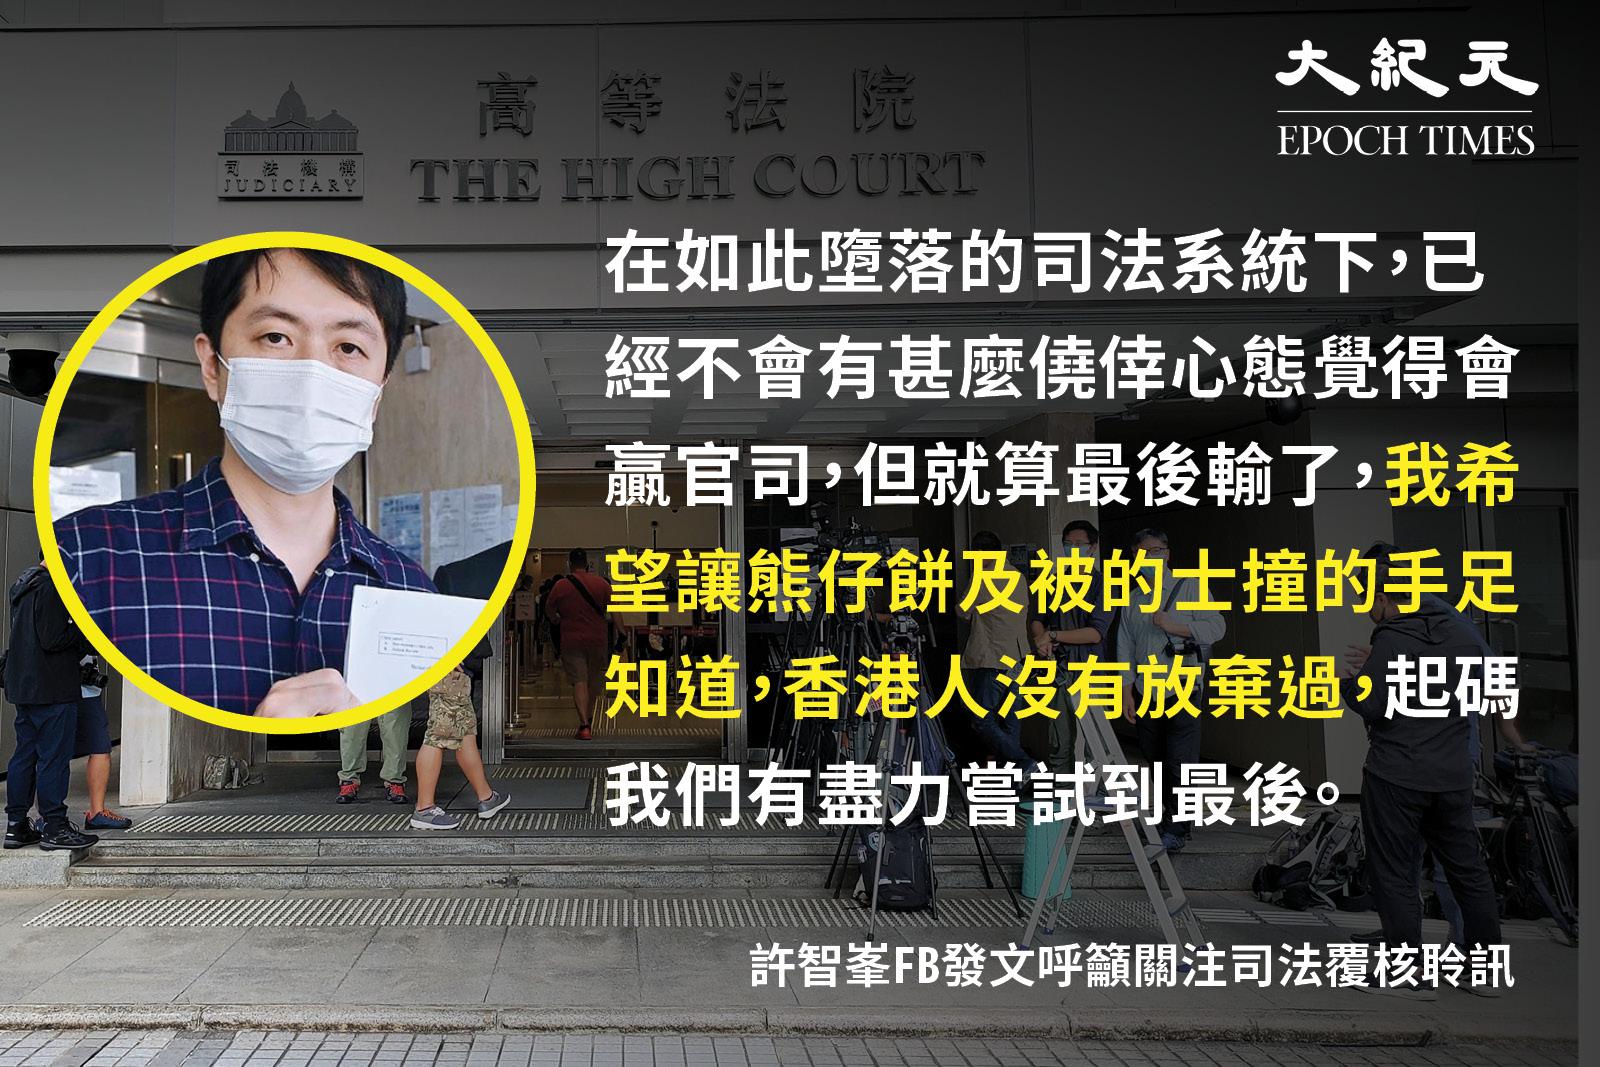 許智峯在Facebook呼籲公眾關注明天(3月12日)就律政司介入西灣河開槍案的司法覆核聆訊。(大紀元製圖)